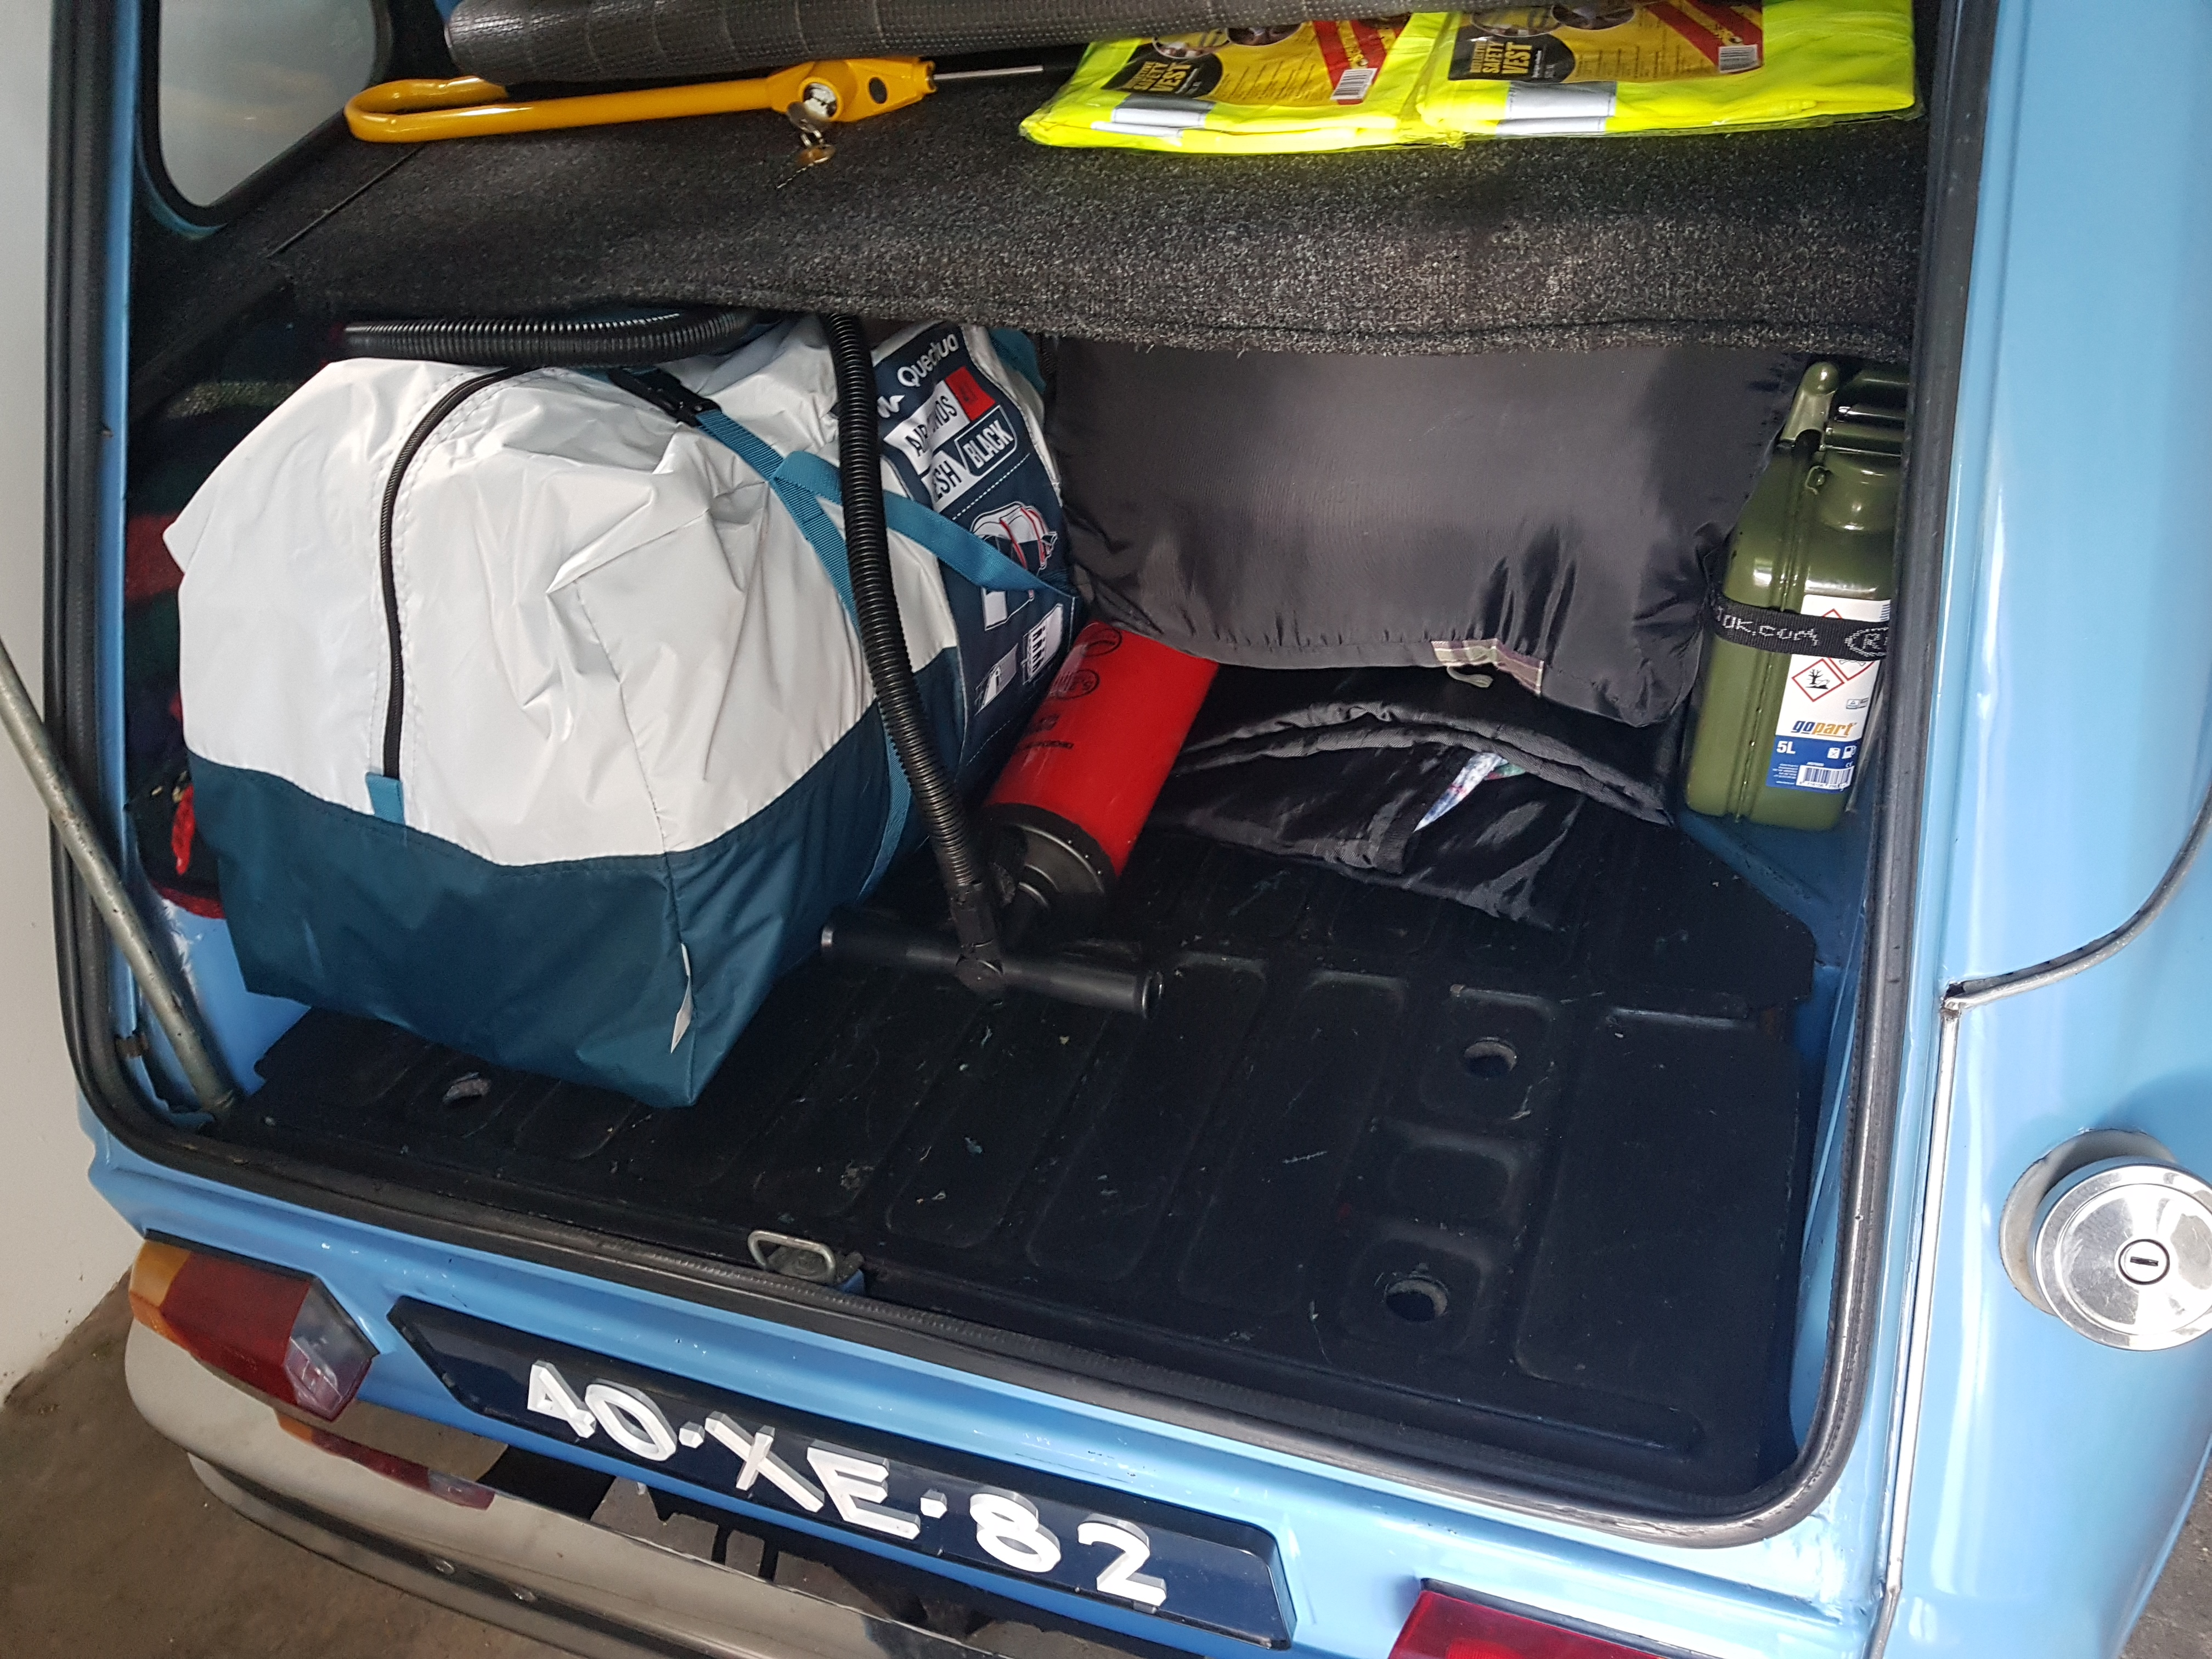 kofferbak met tent - daar kan en komt meer bij!